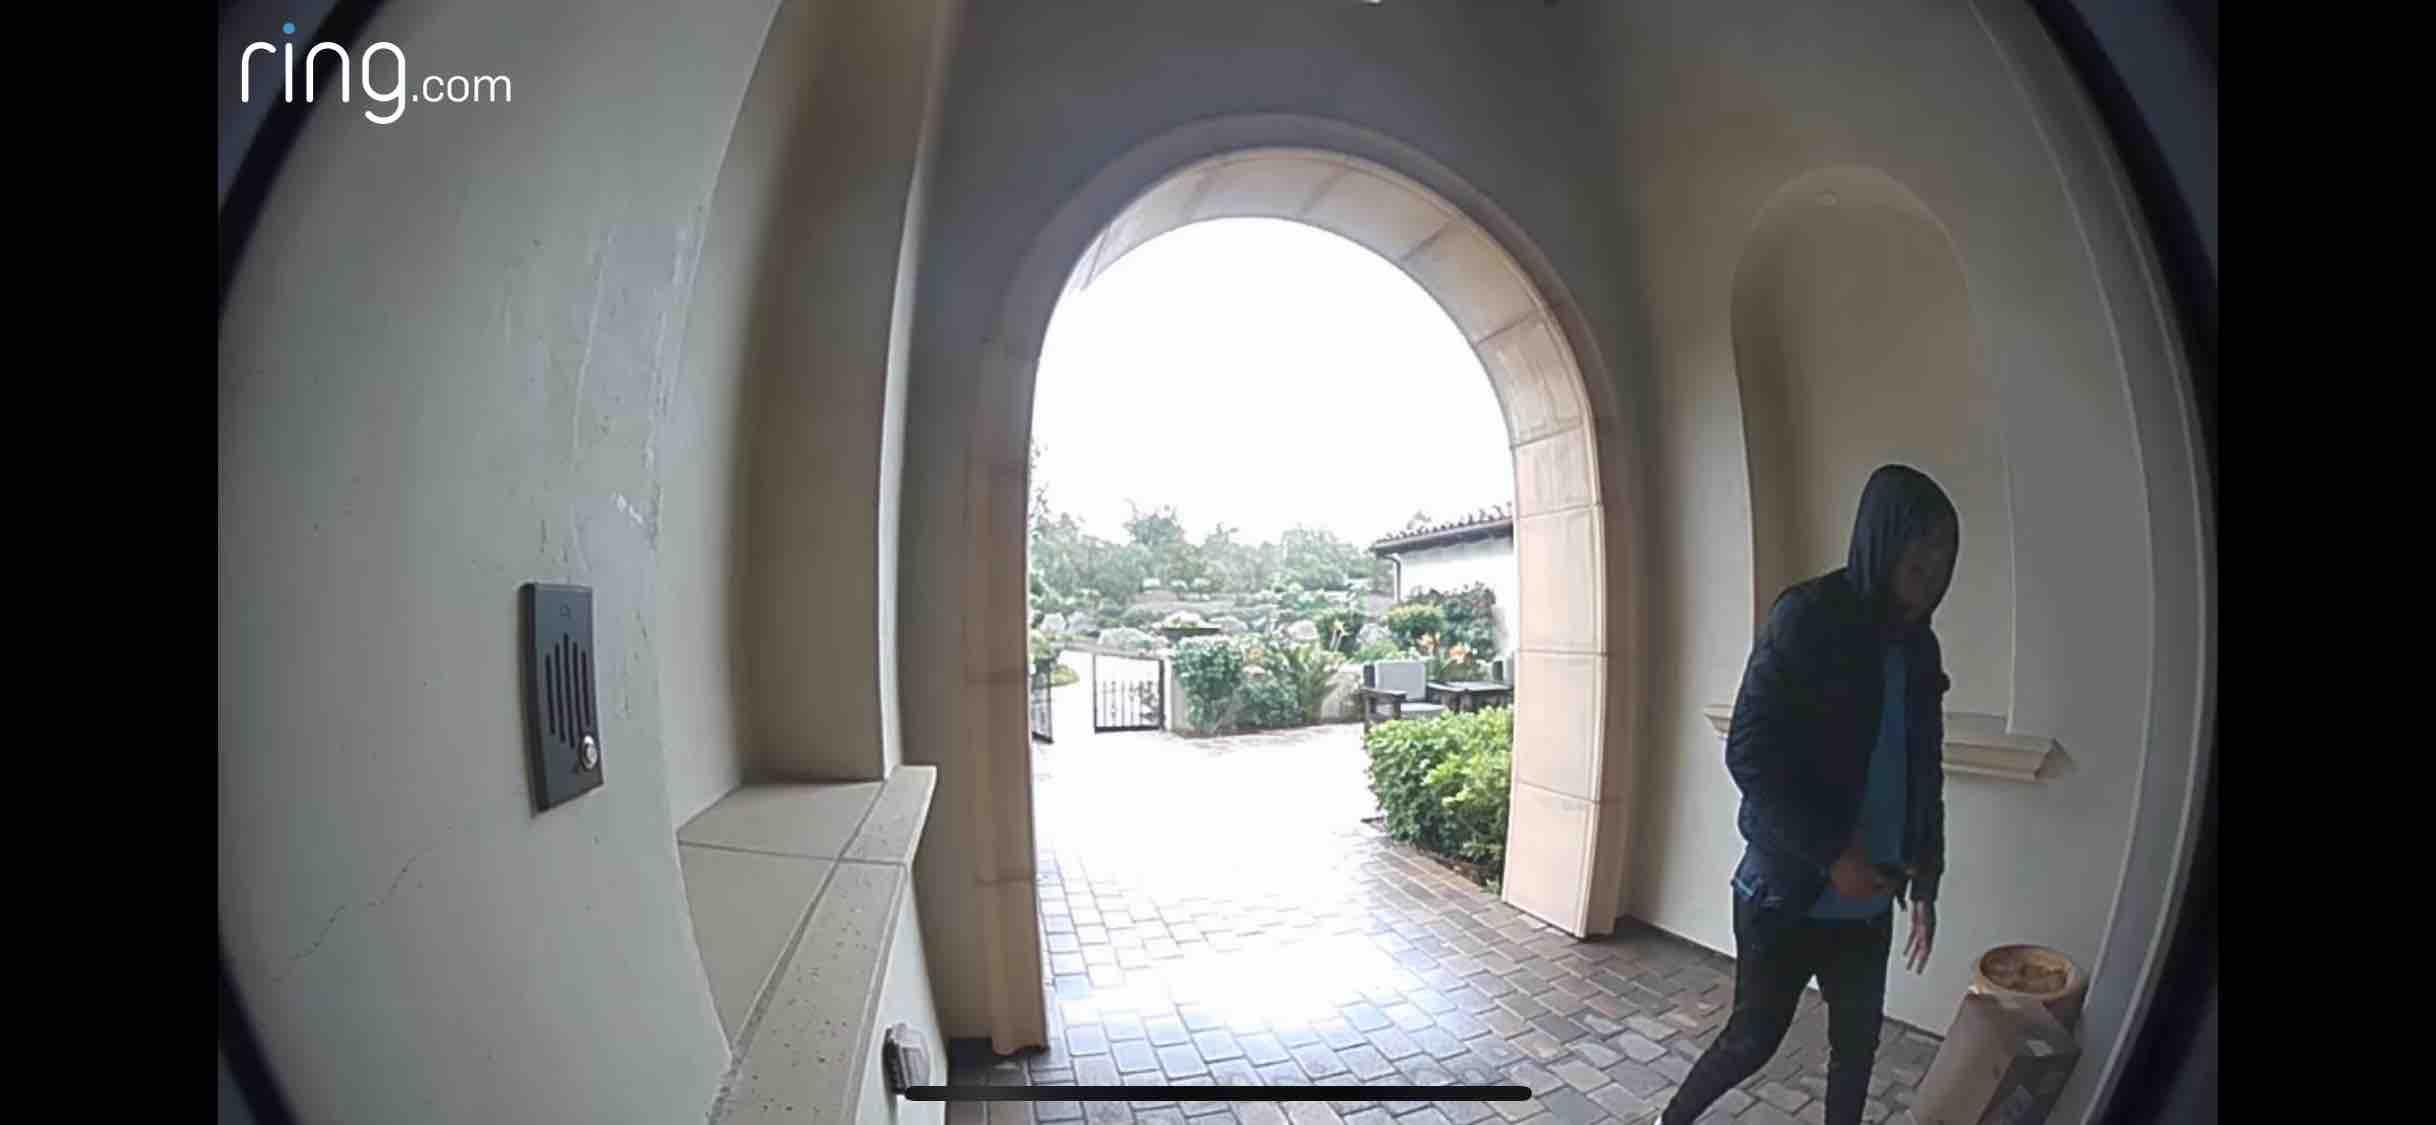 Ring Doorbell - Visitor at Front Door